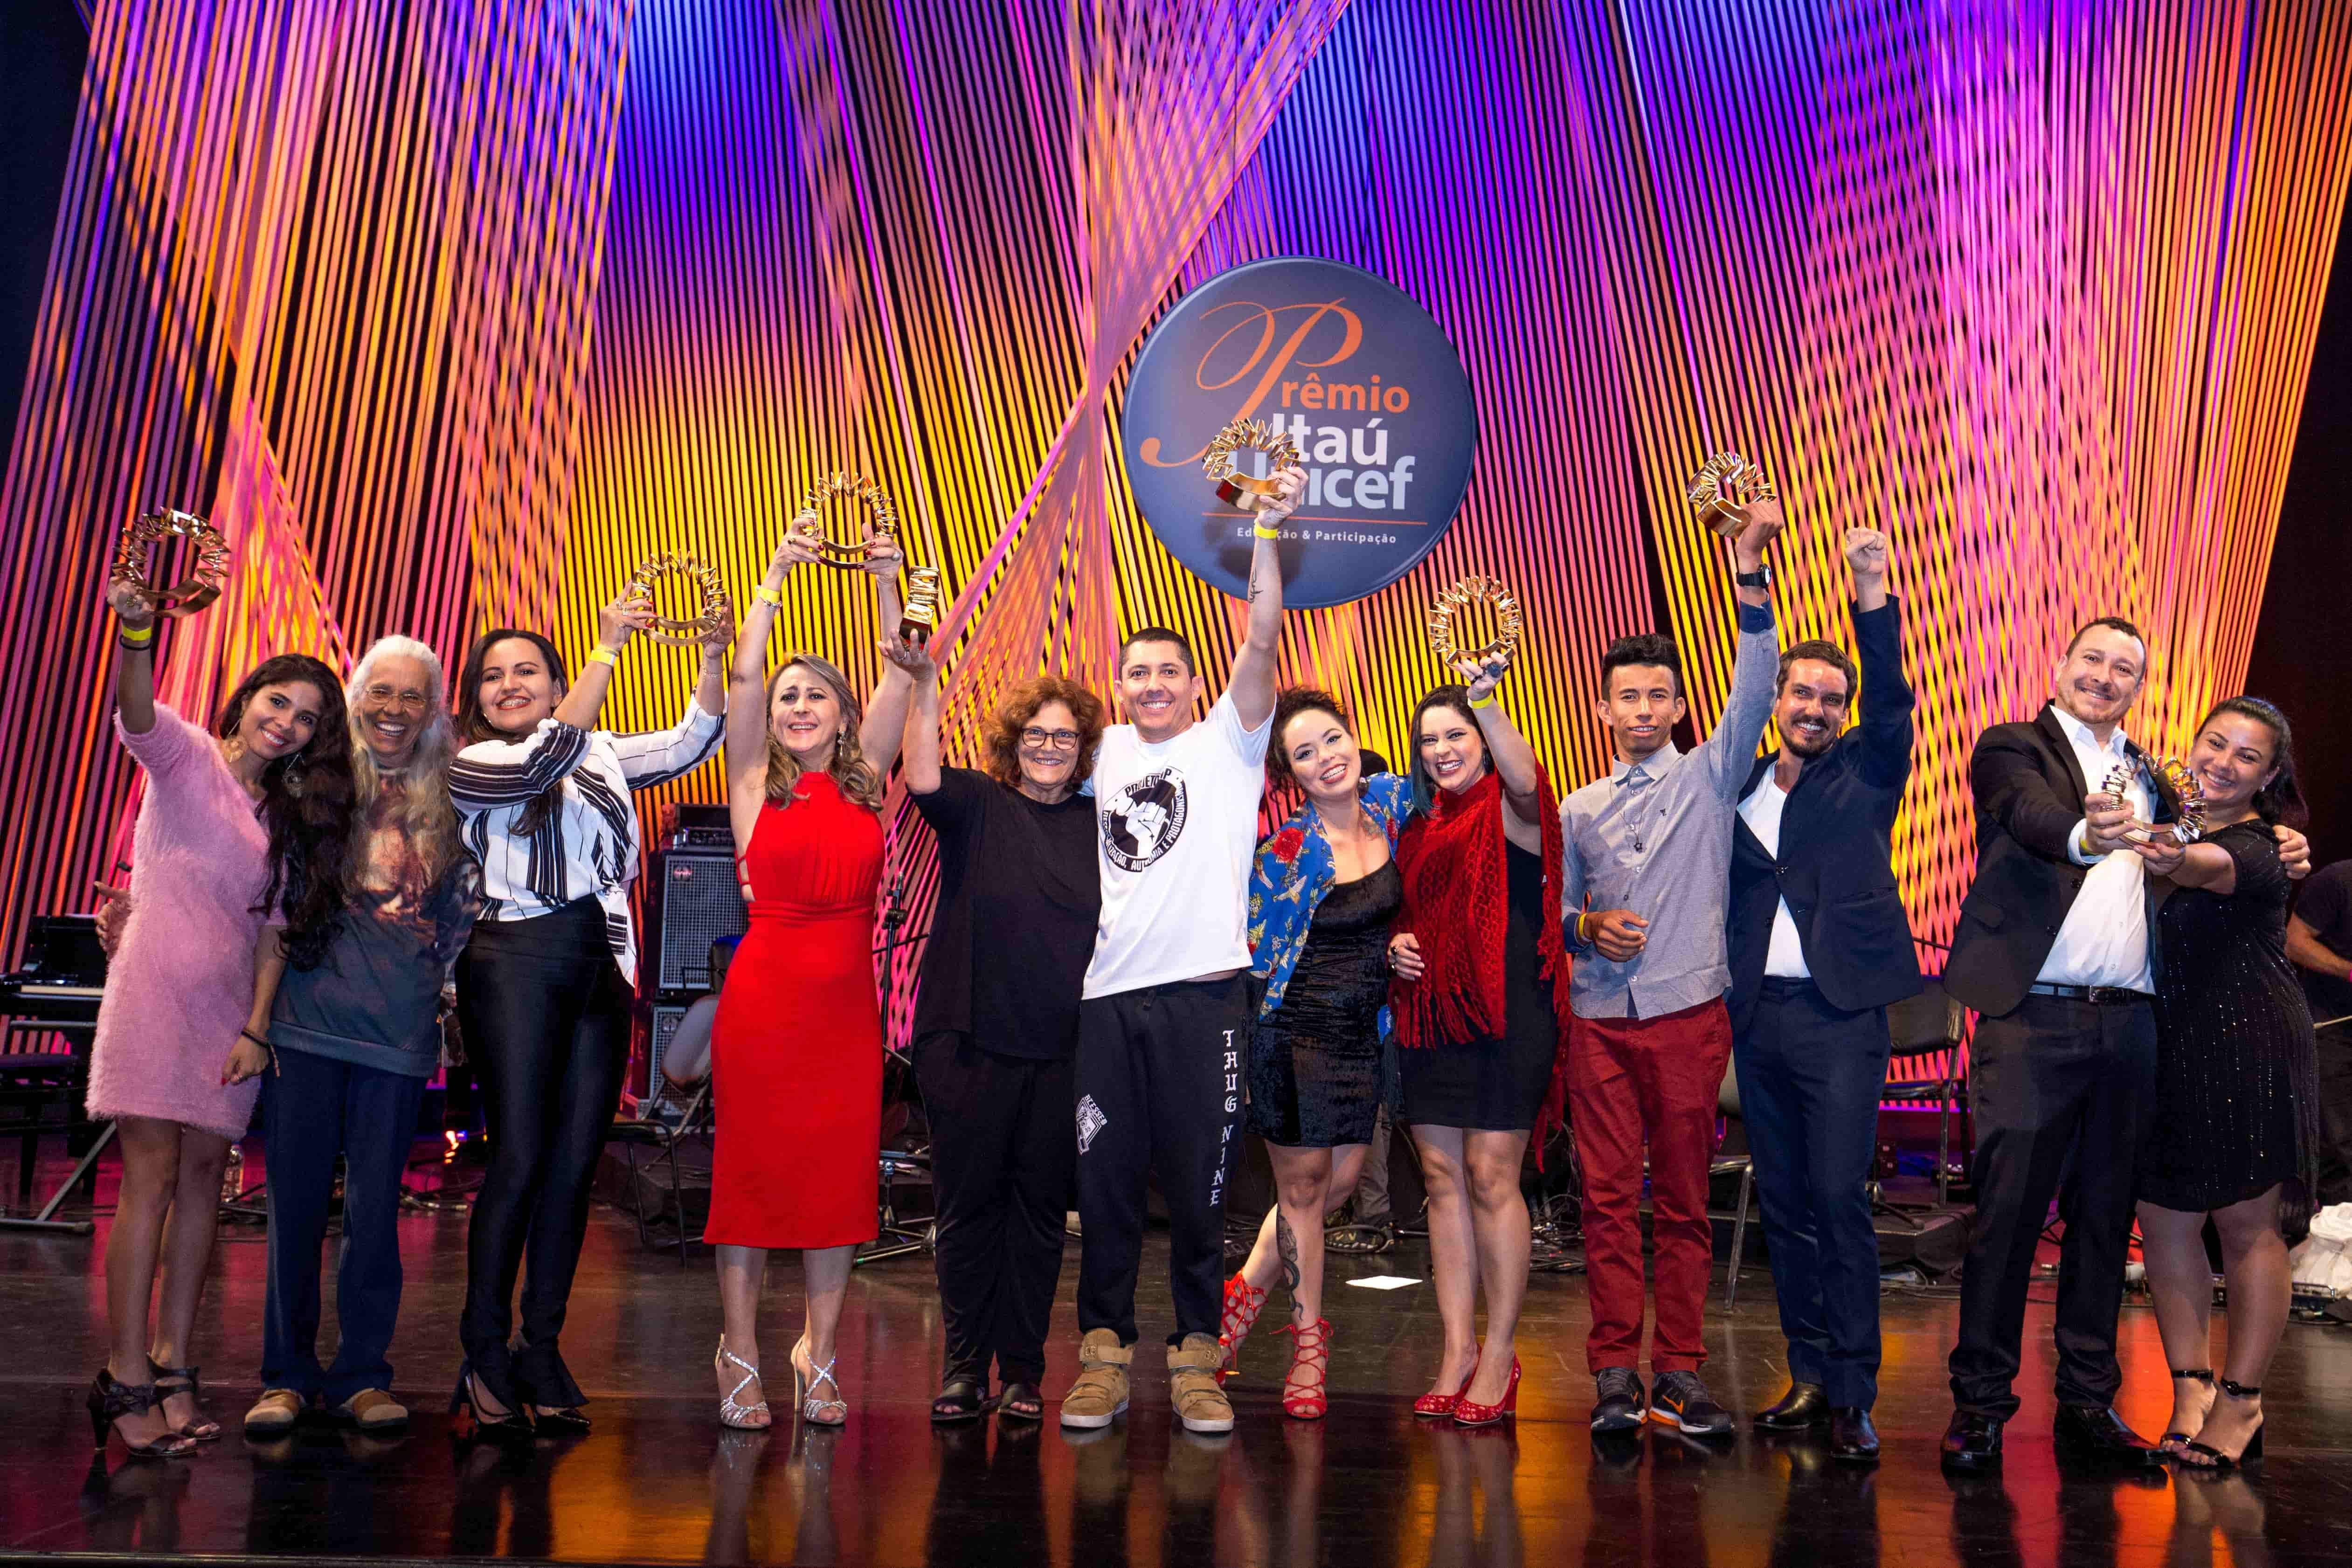 Conheça os vencedores nacionais da 13ª edição do Prêmio Itaú-Unicef